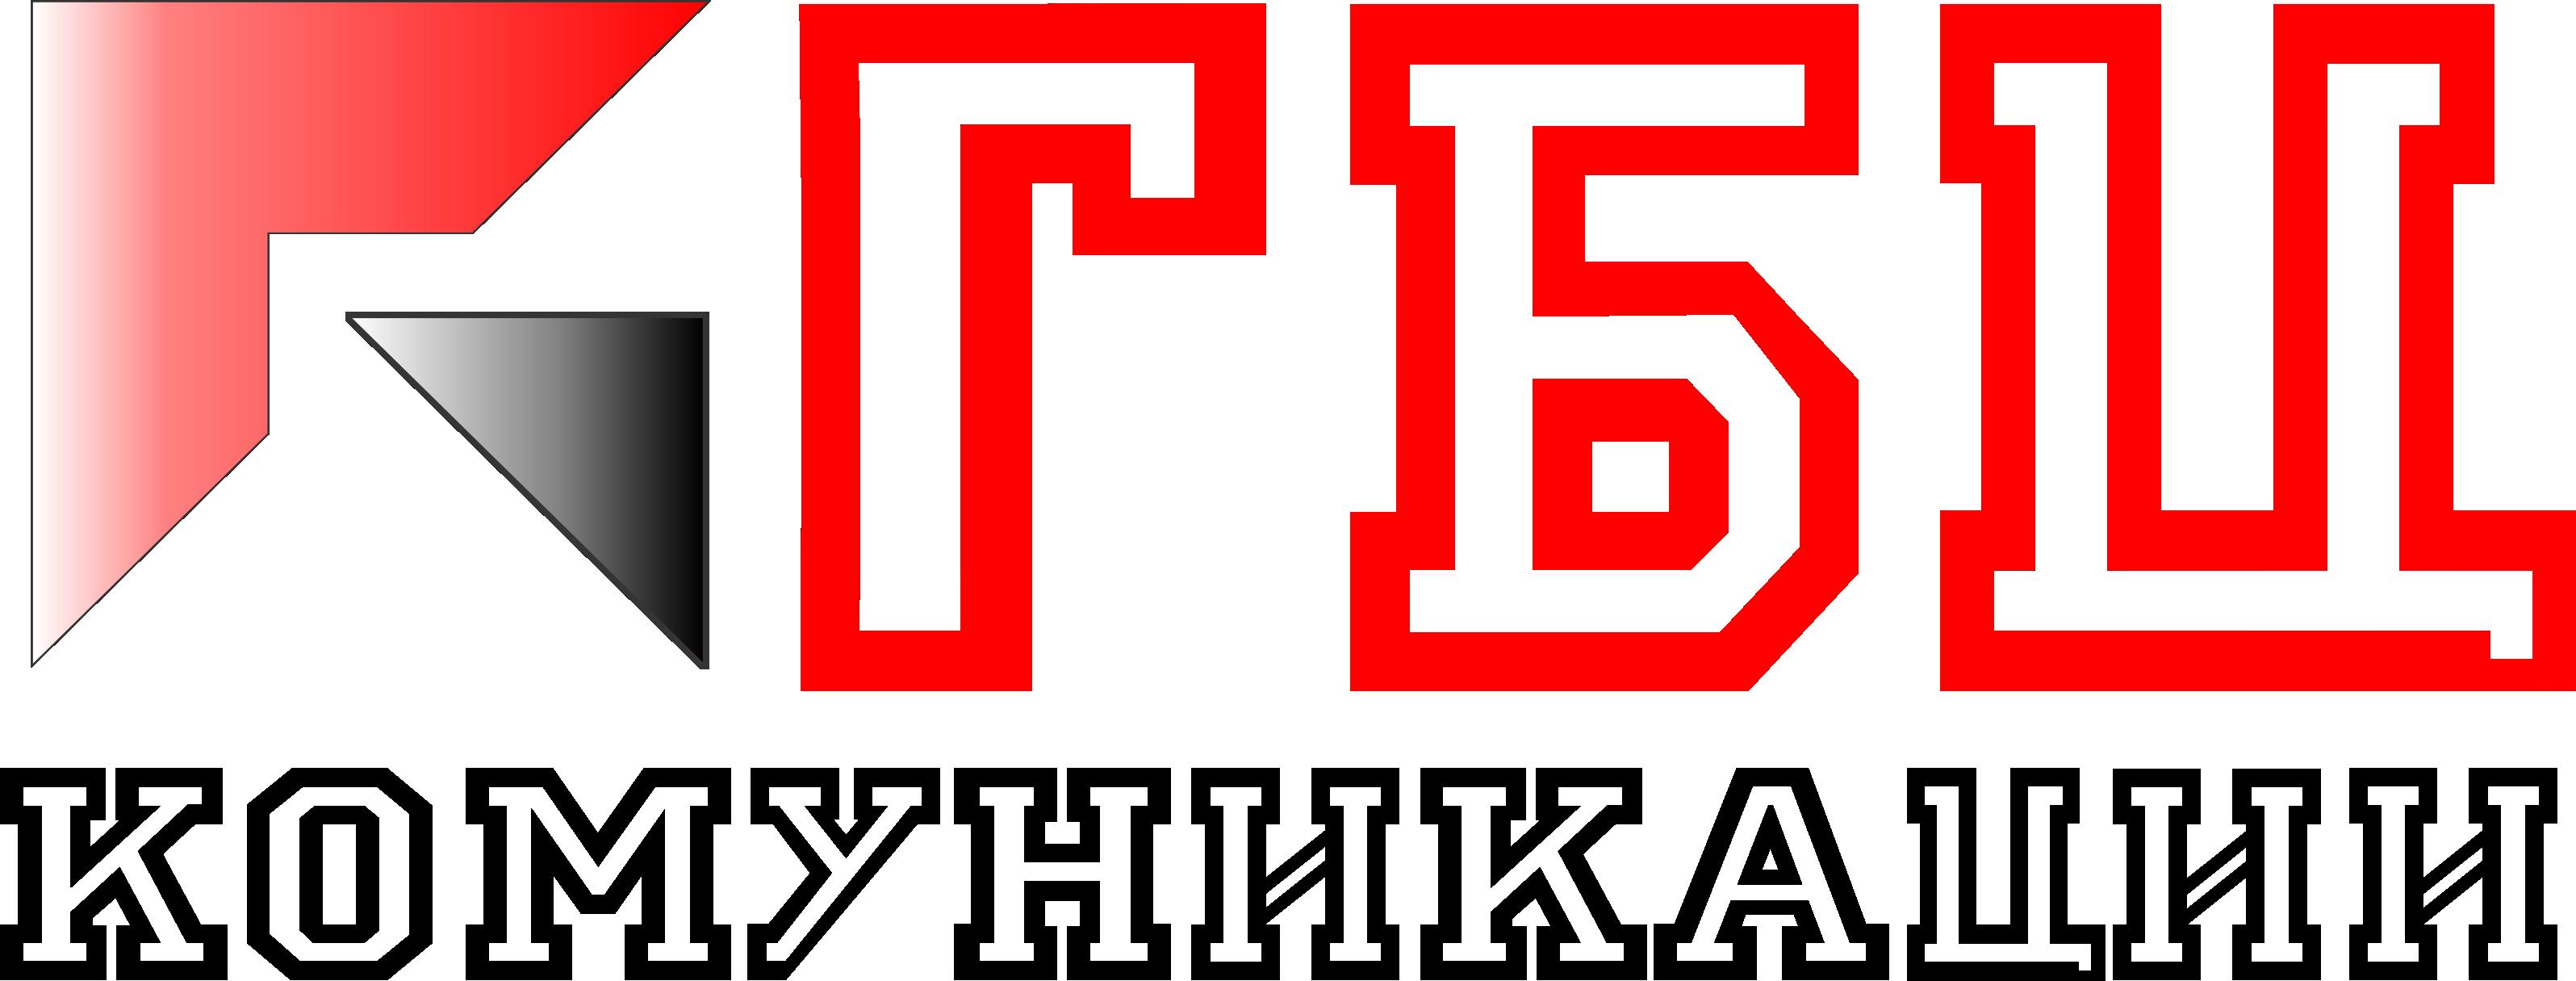 ГБЦ Комуникации